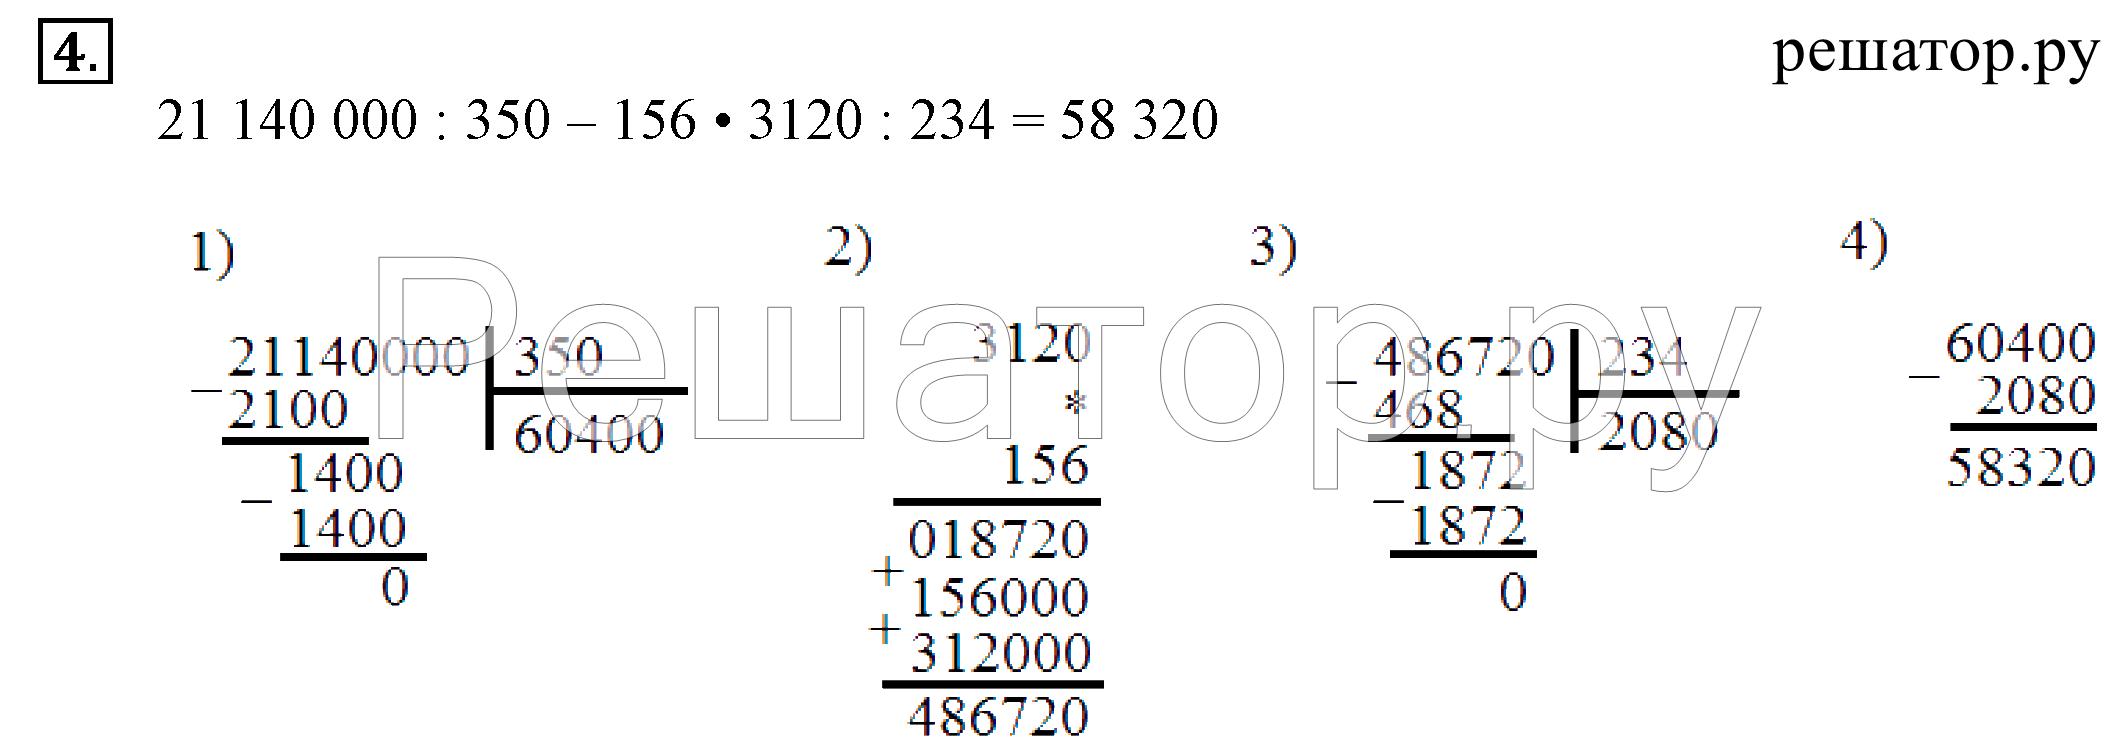 самостоятельные работы петерсон 4 класс решебник